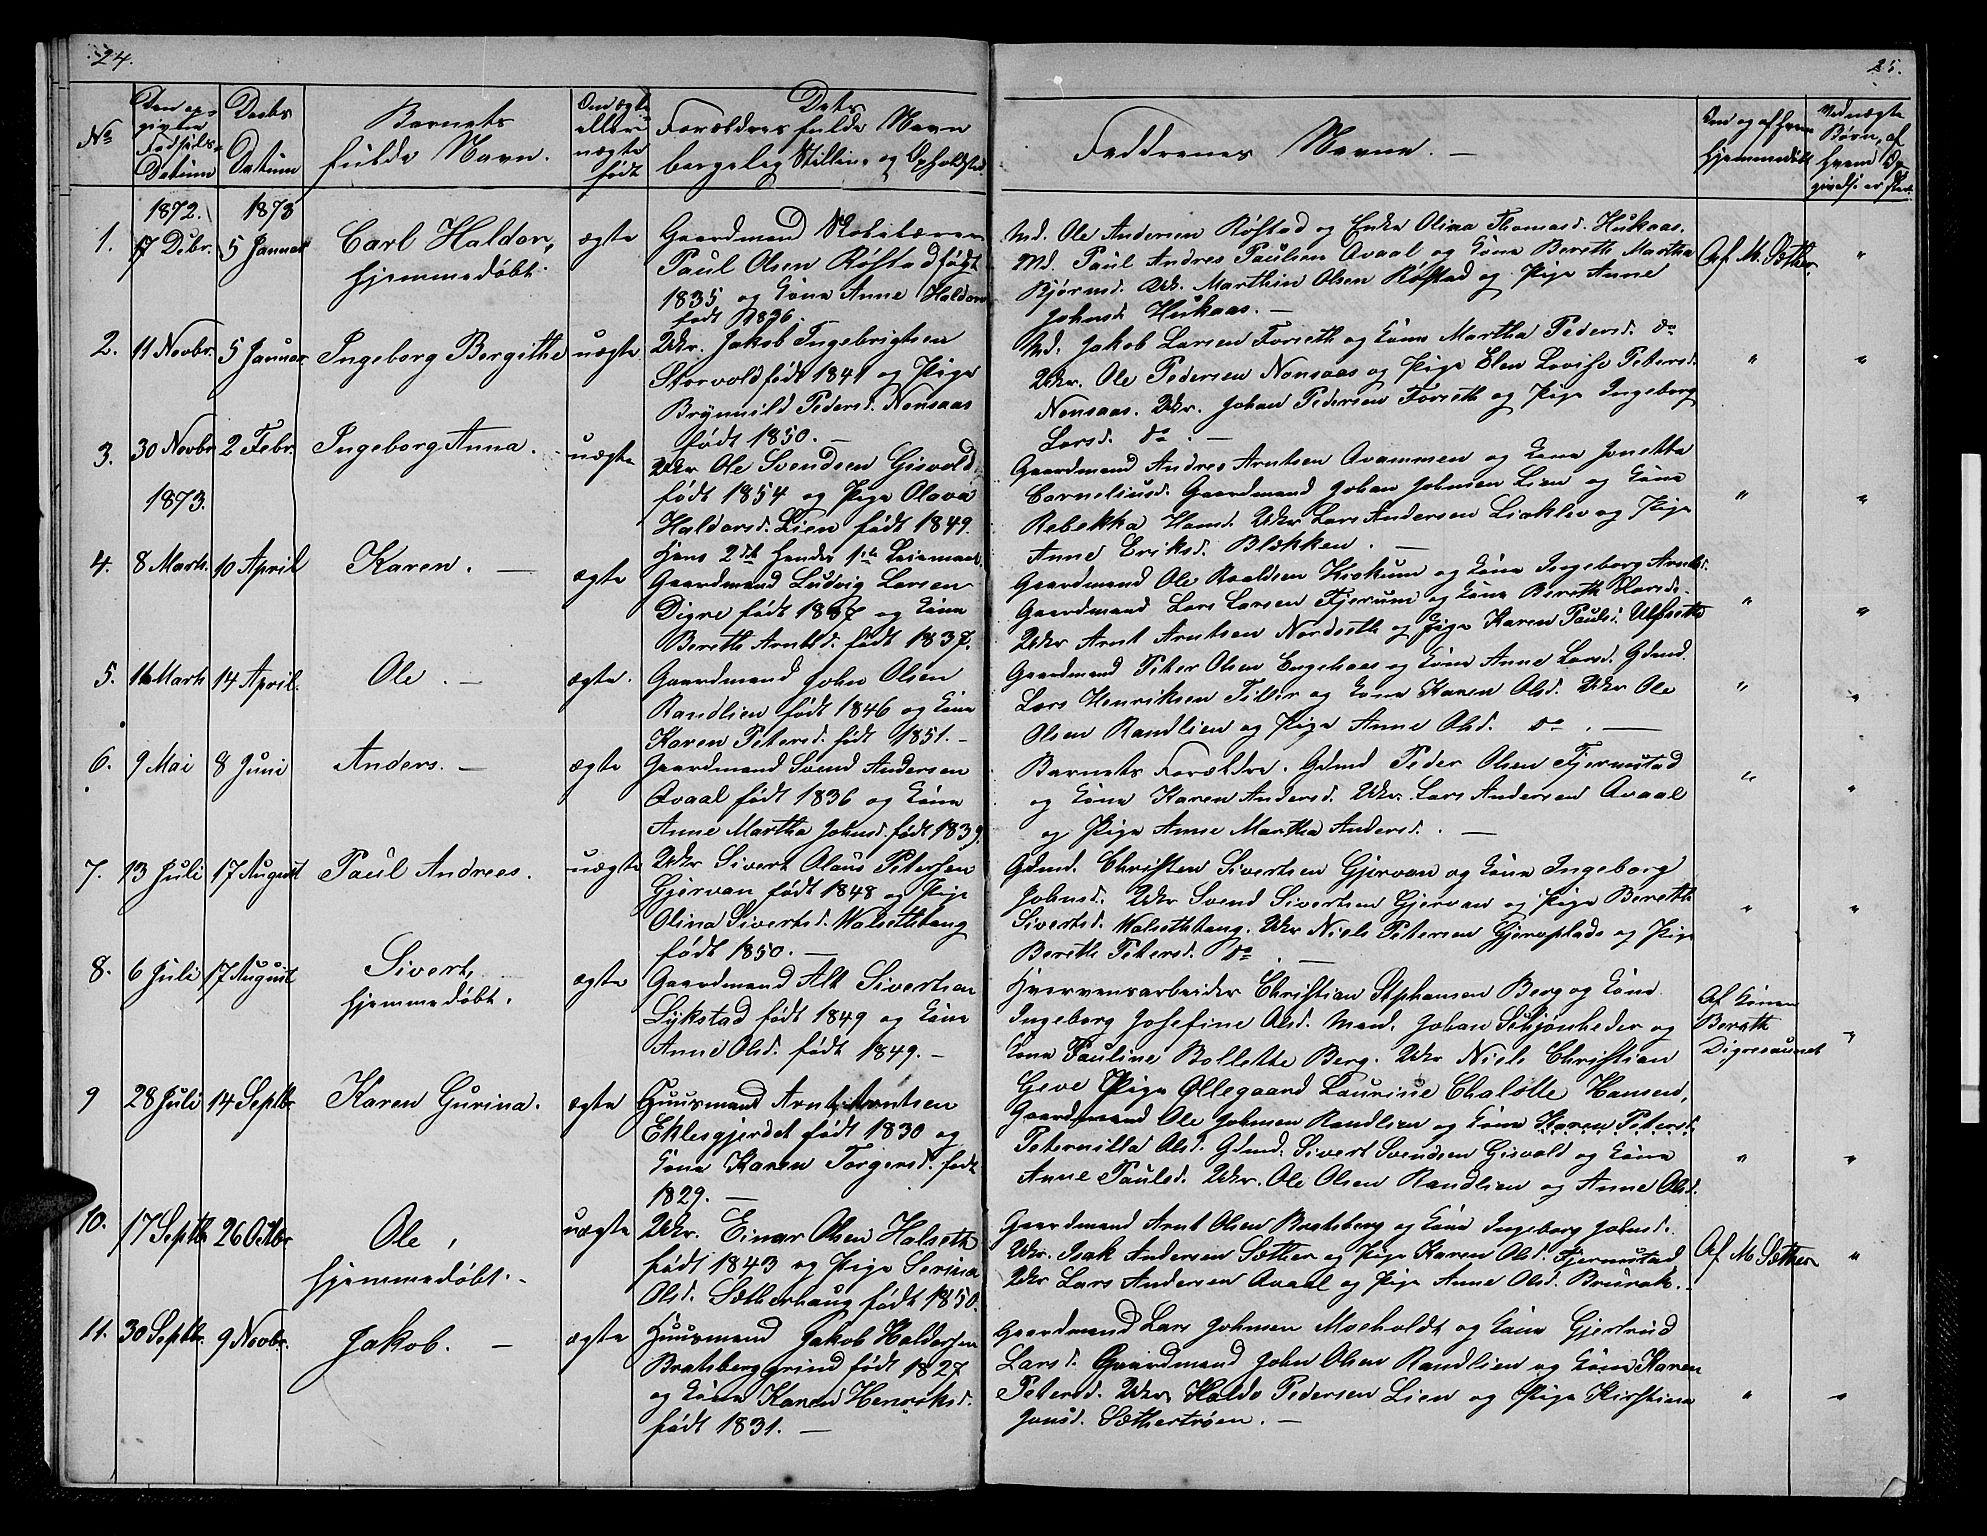 SAT, Ministerialprotokoller, klokkerbøker og fødselsregistre - Sør-Trøndelag, 608/L0340: Klokkerbok nr. 608C06, 1864-1889, s. 24-25